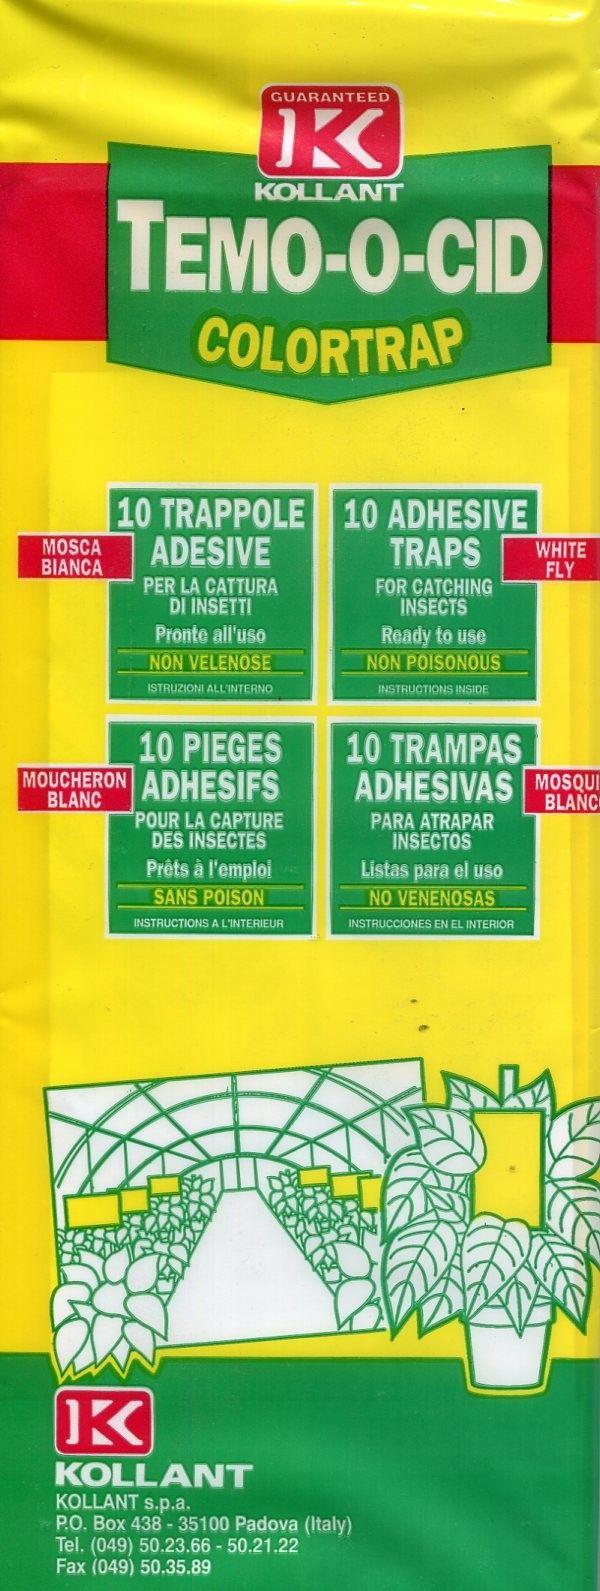 KOLLANT TEMOOCID COLORTRAP MOSCA BIANCA PZ. 10 http://www.decariashop.it/insetticidi/8607-kollant-temoocid-colortrap-mosca-bianca-pz-10.html